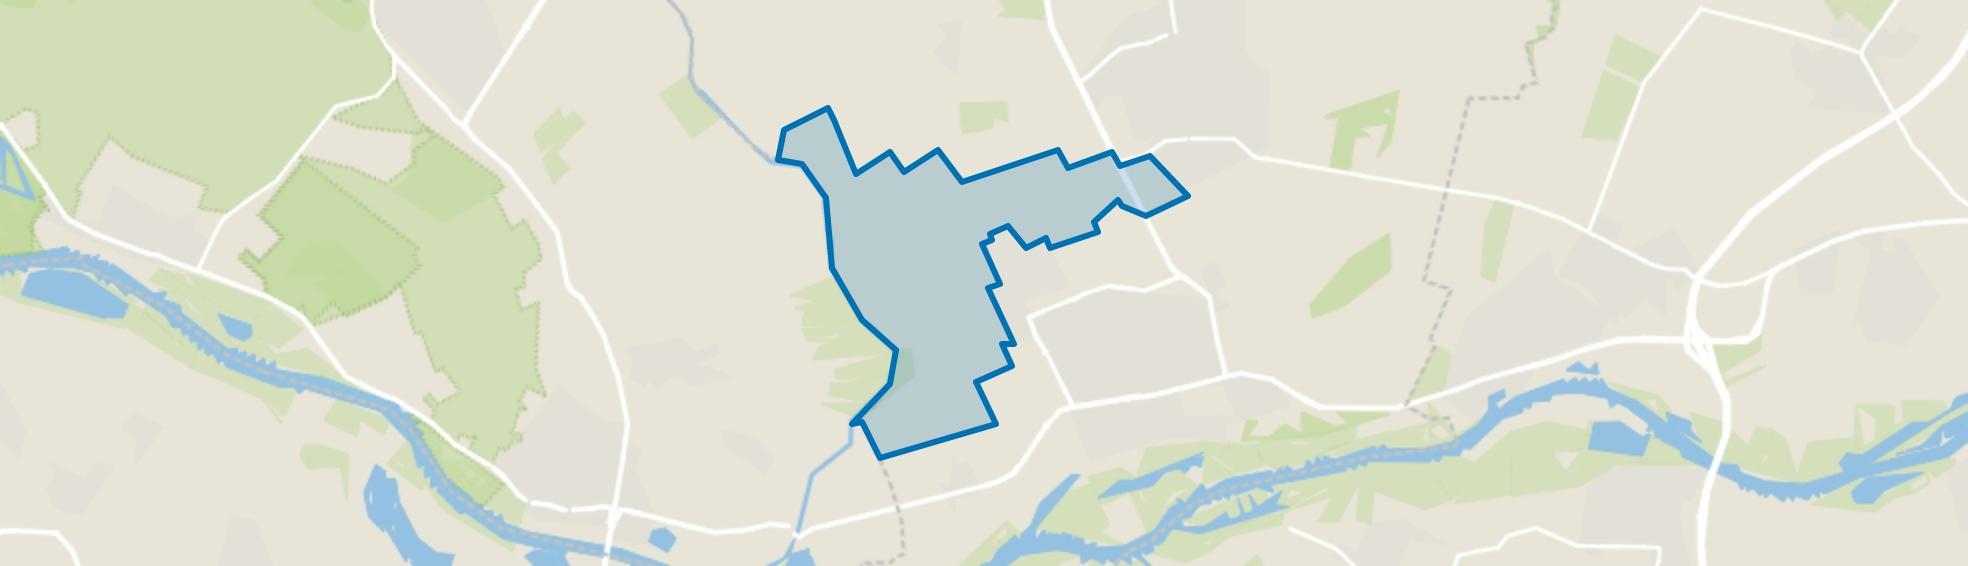 Het Binnenveld, Wageningen map